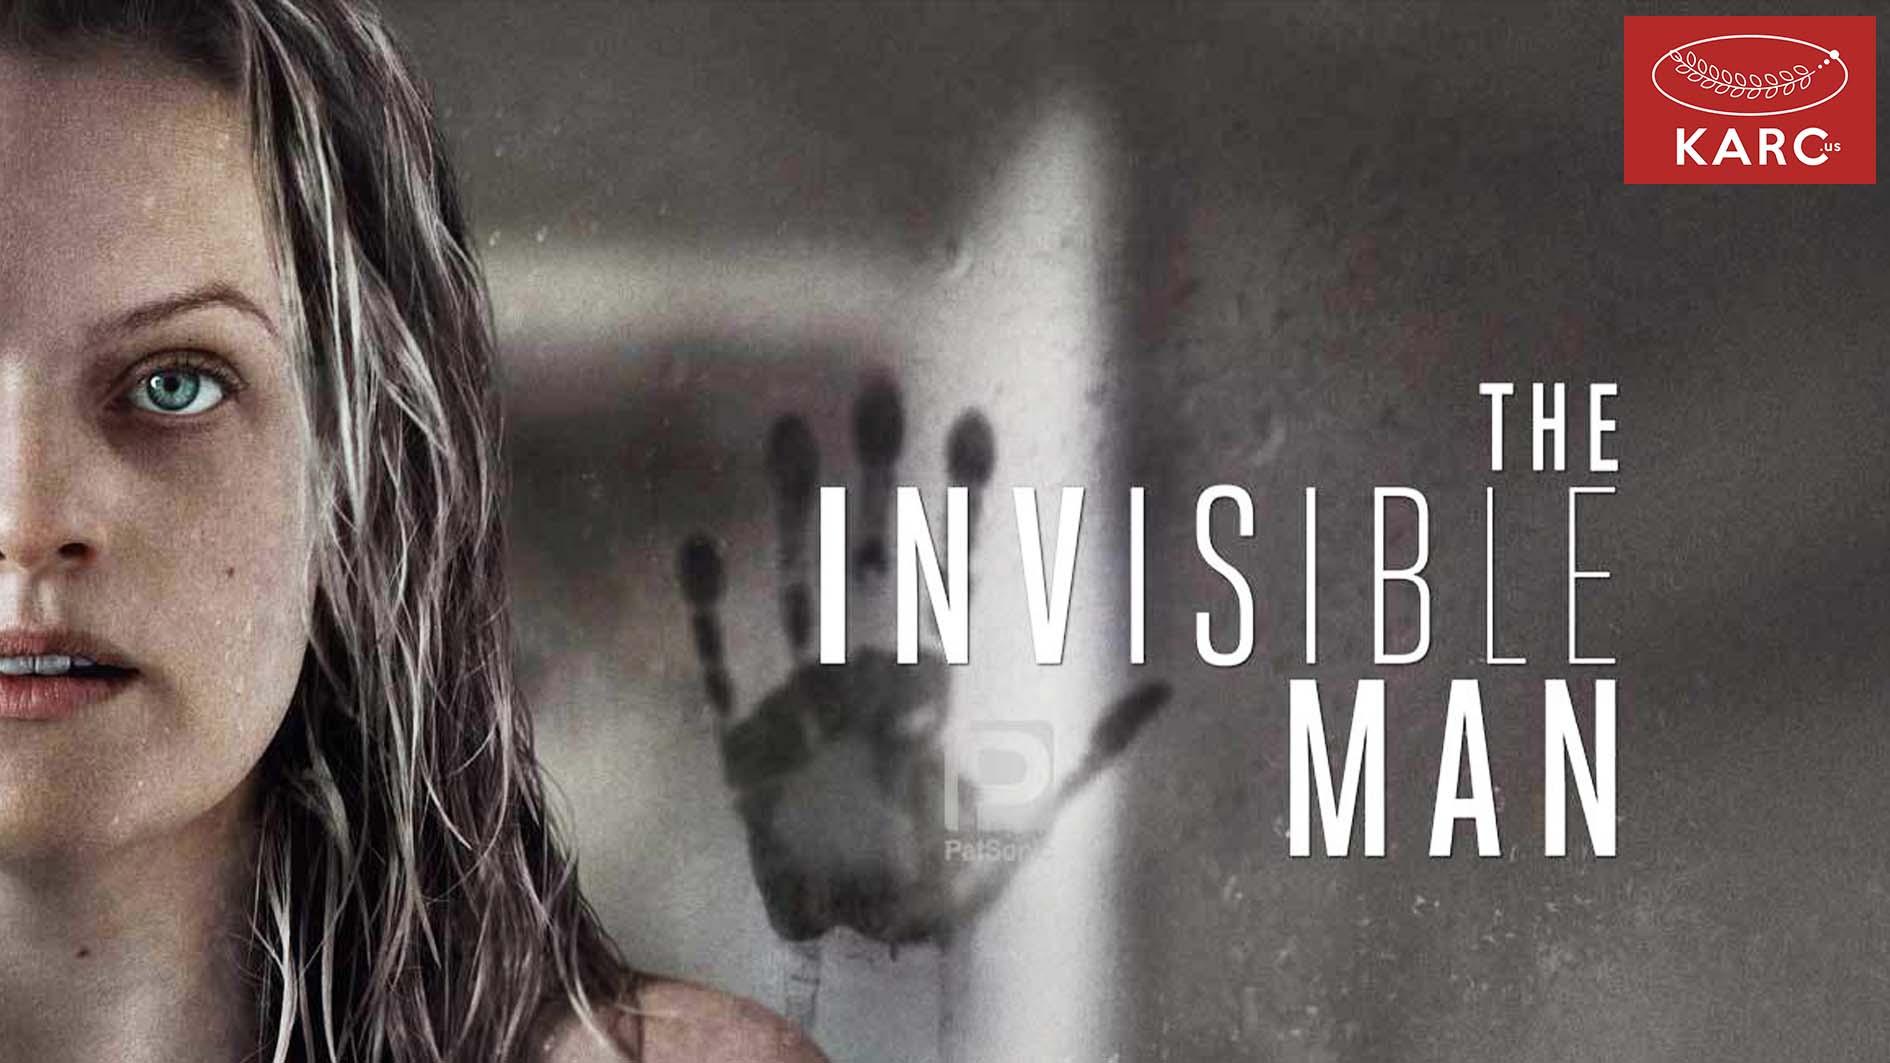 รีวิว The Invisible Man 2020 มนุษย์ล่องหน สุดอันตราย - Karc.us